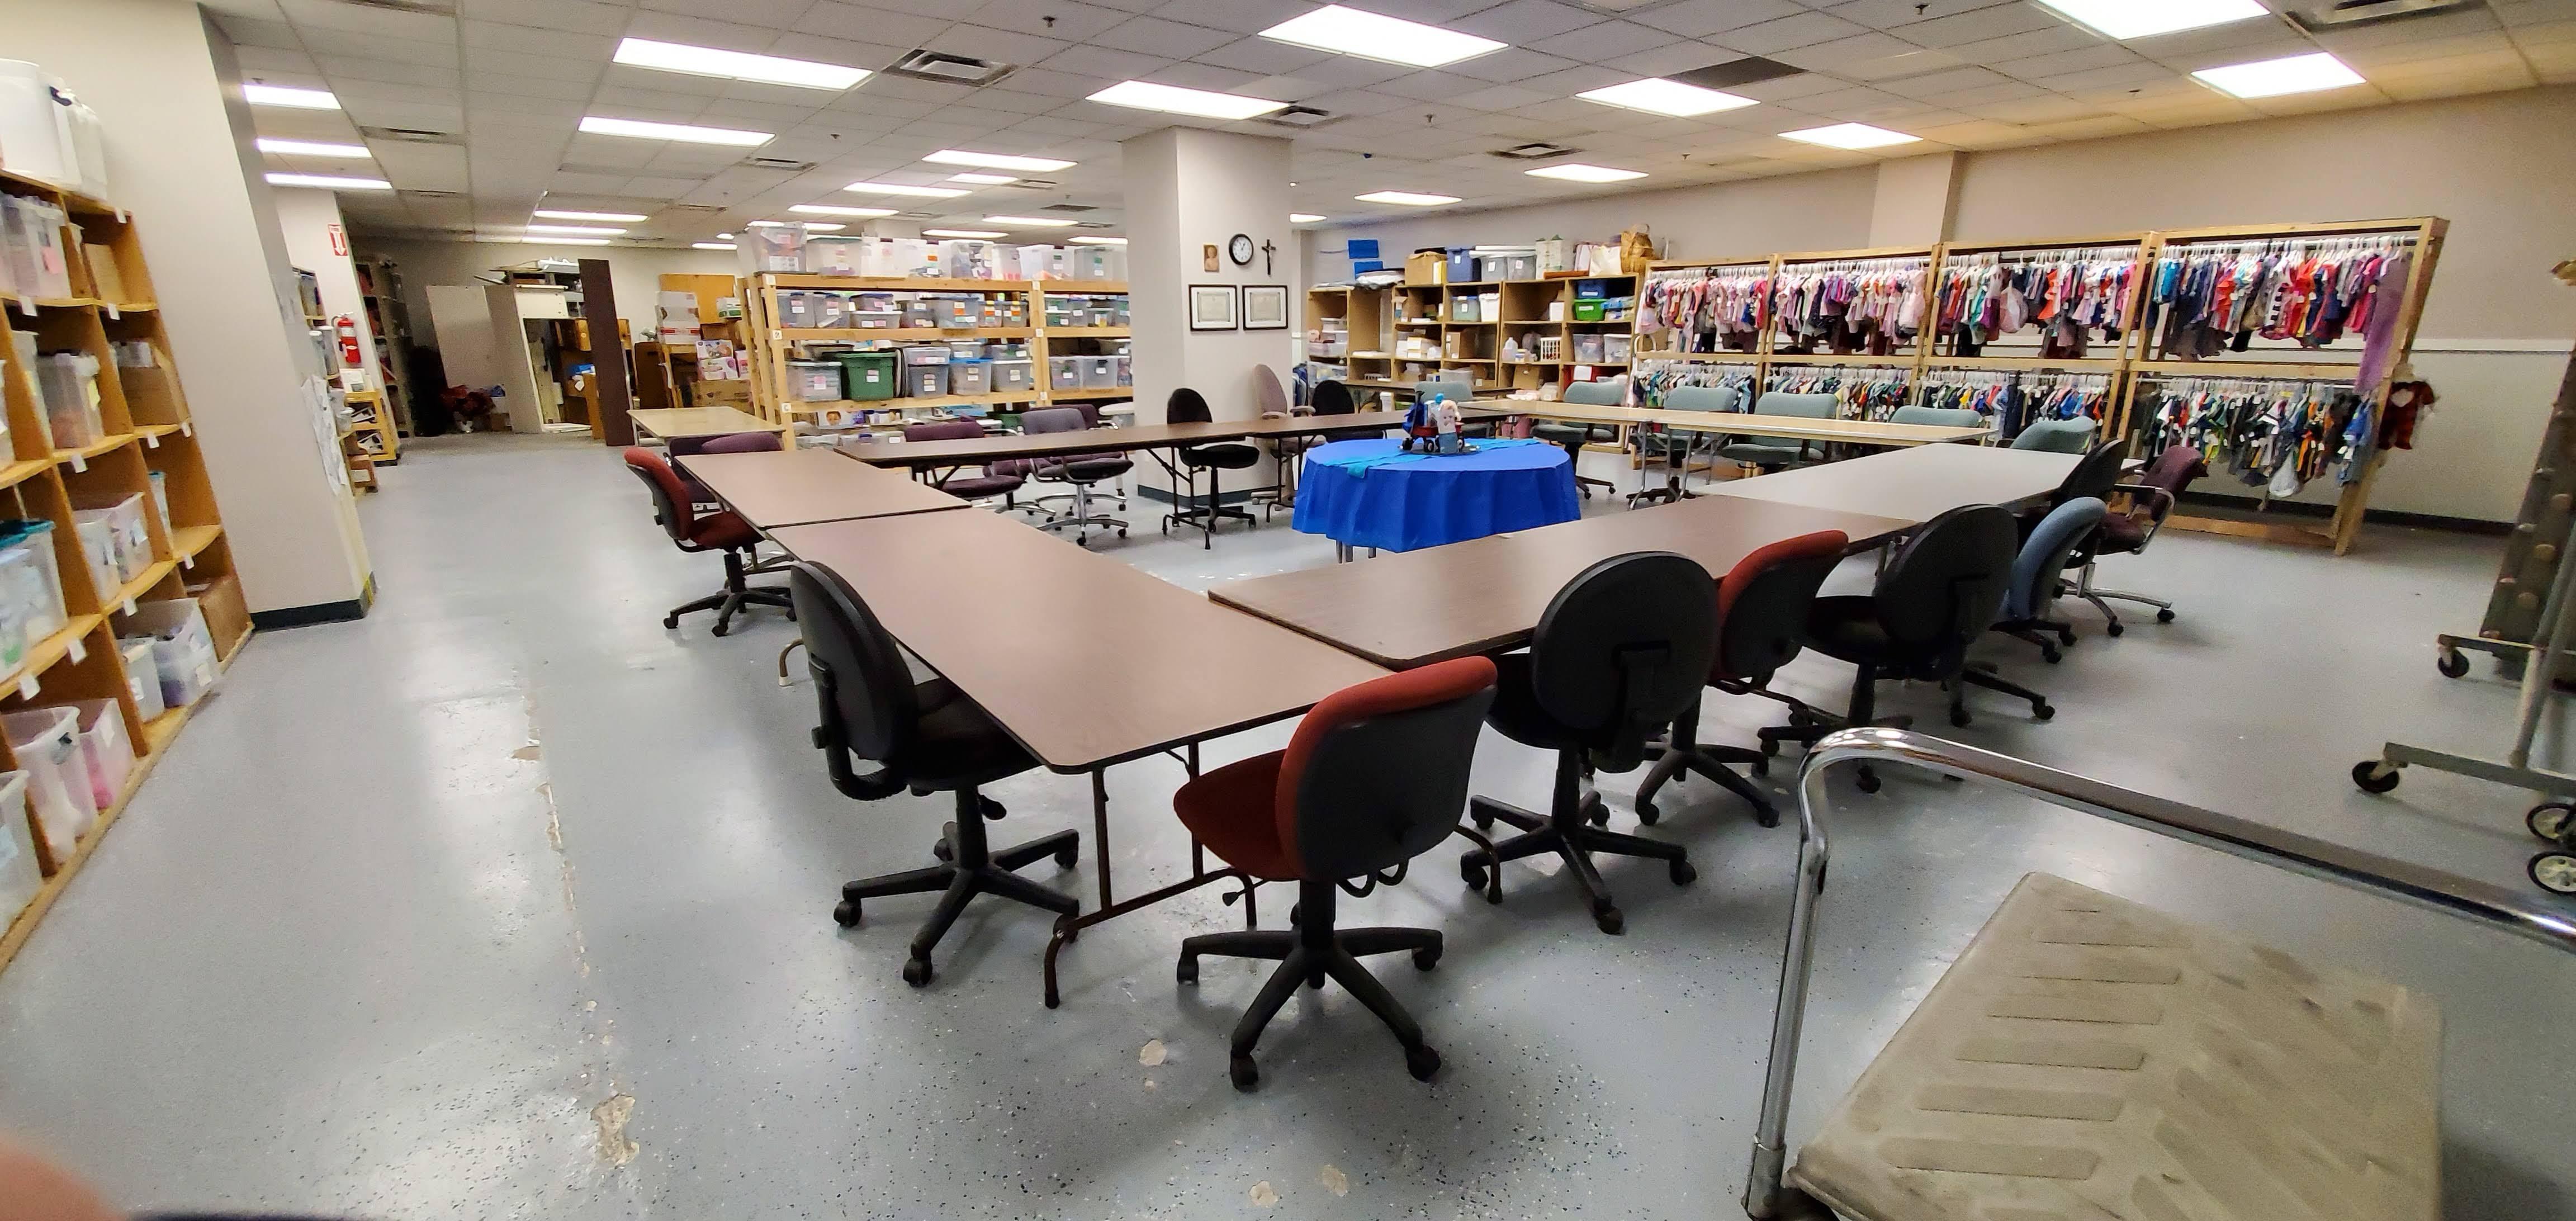 Noll Workroom